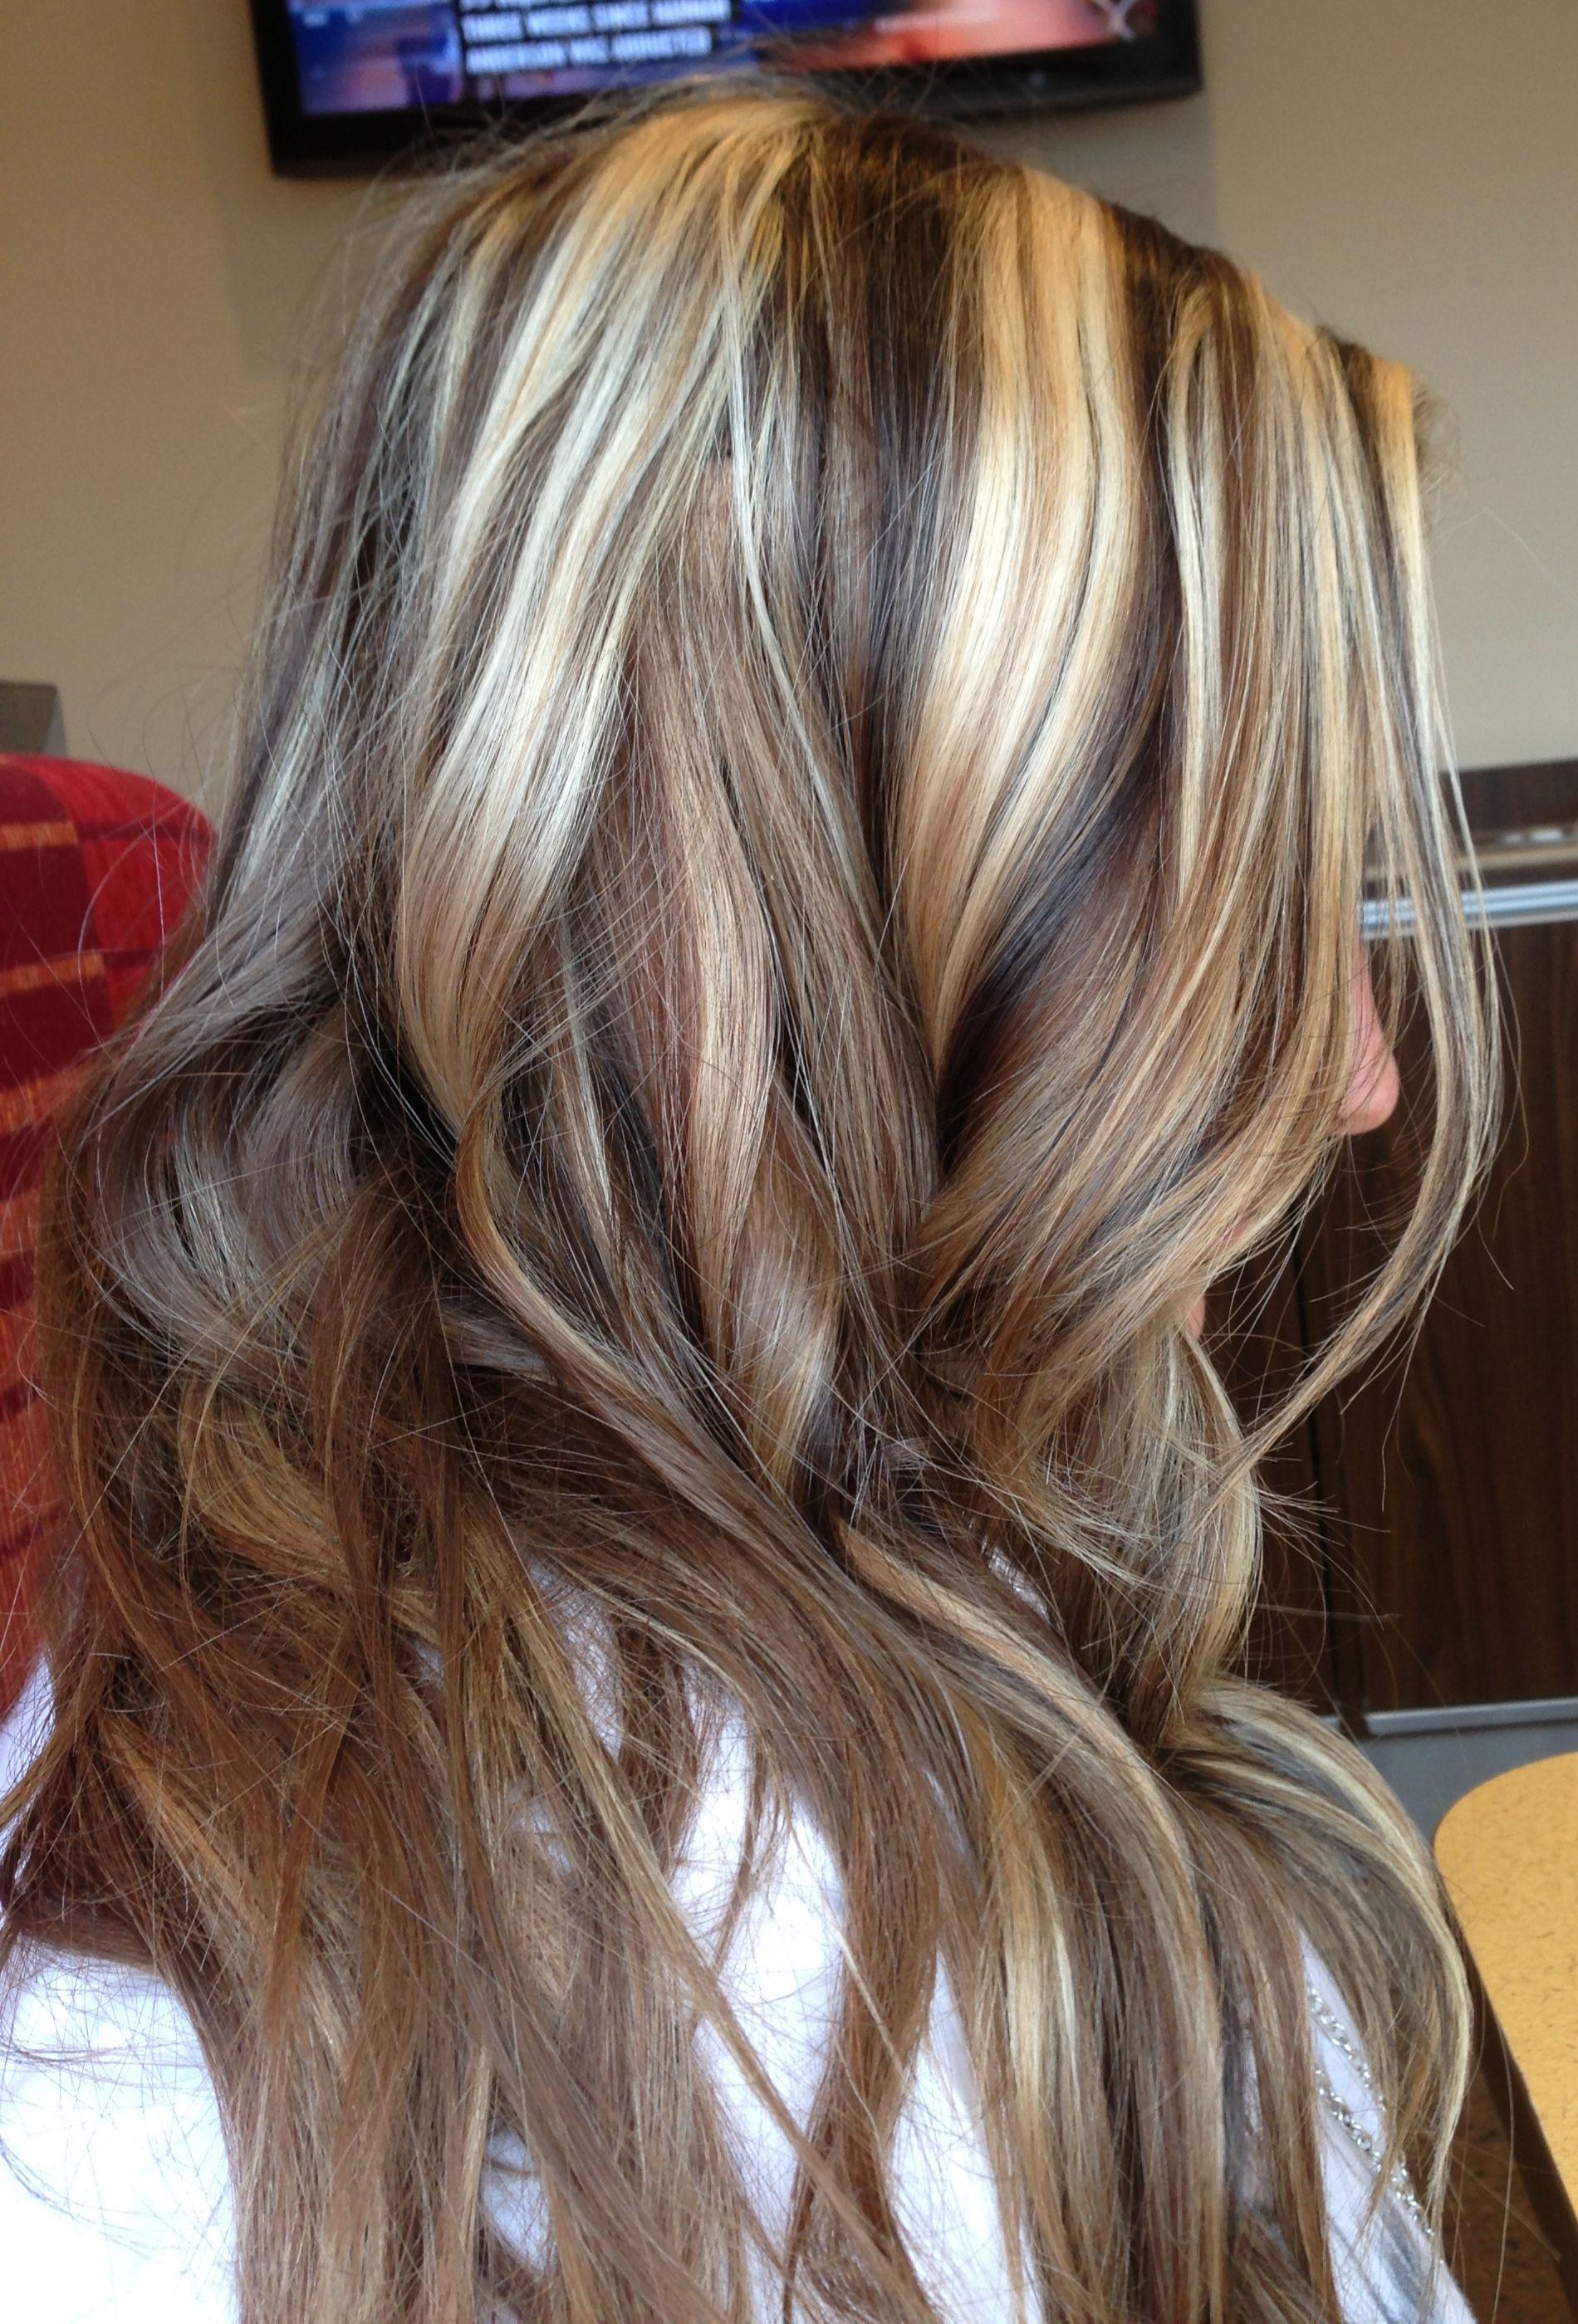 Blonde highlights ideas pinterest - Dark Brown Lowlights And Blonde Highlights Love This Look May